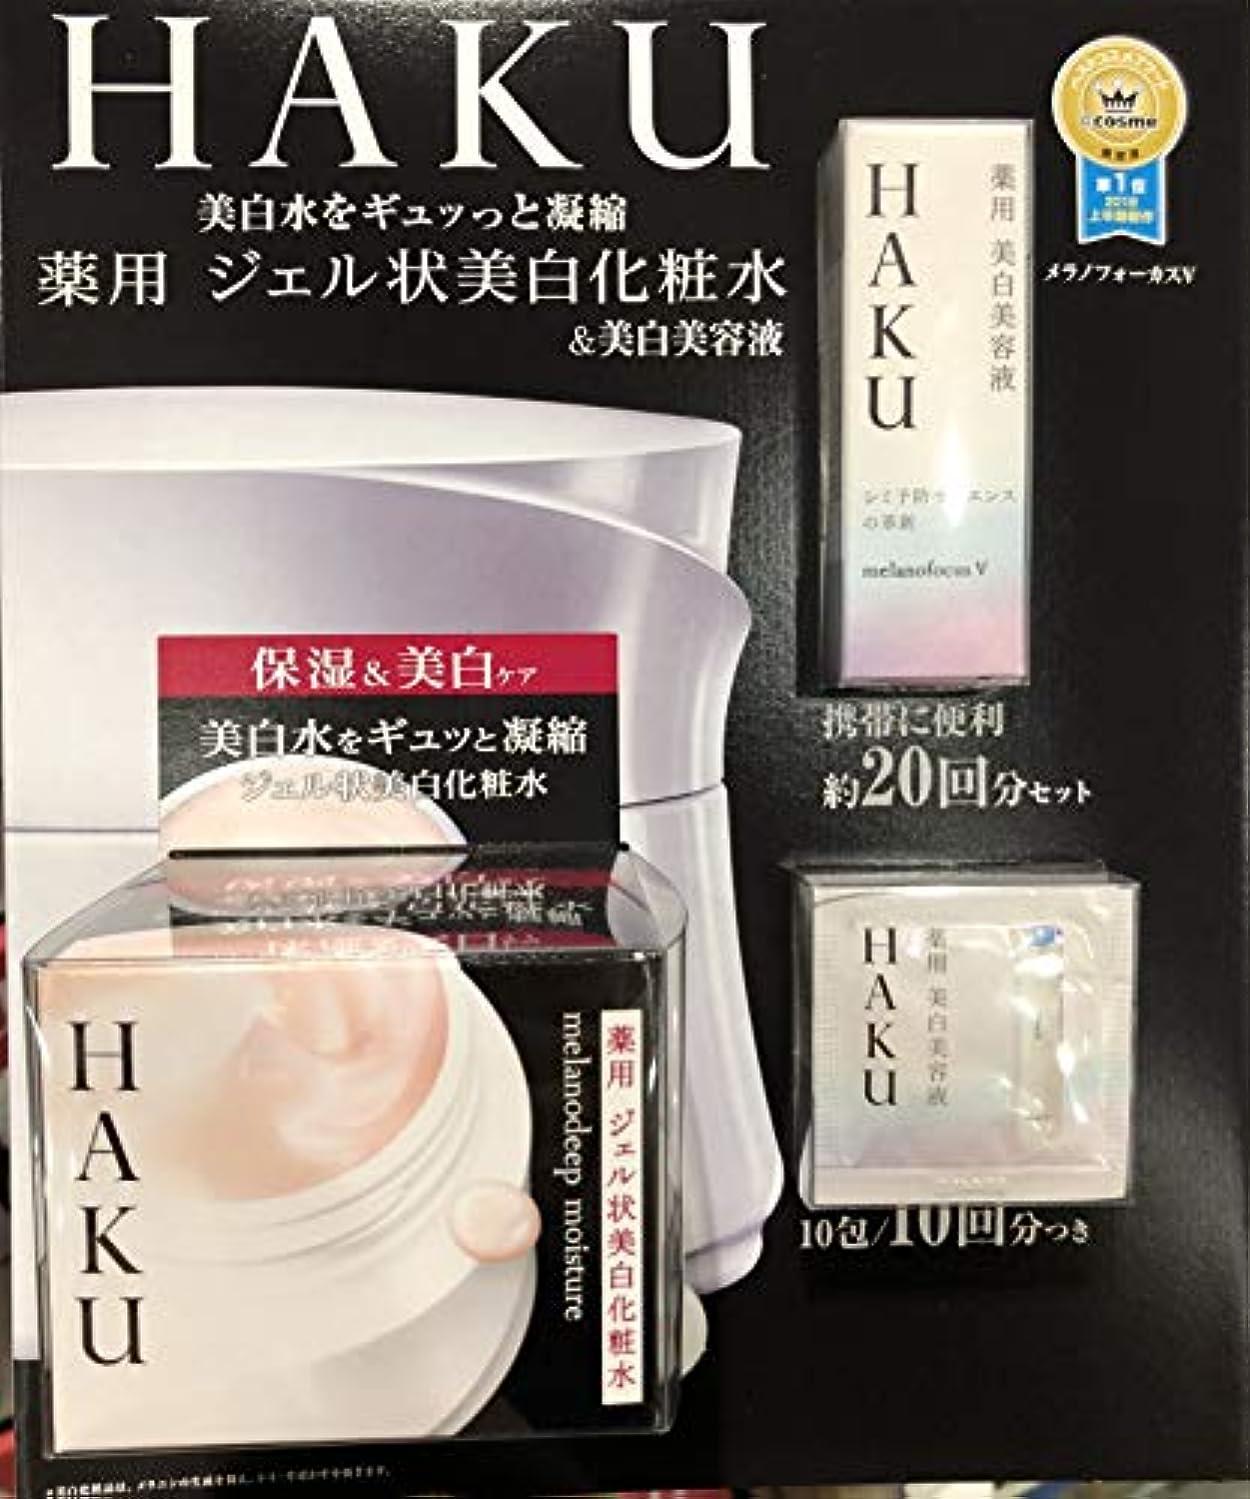 資生堂 HAKU 美白セット 薬用 ジェル状美白化粧水&薬用美白乳液セット